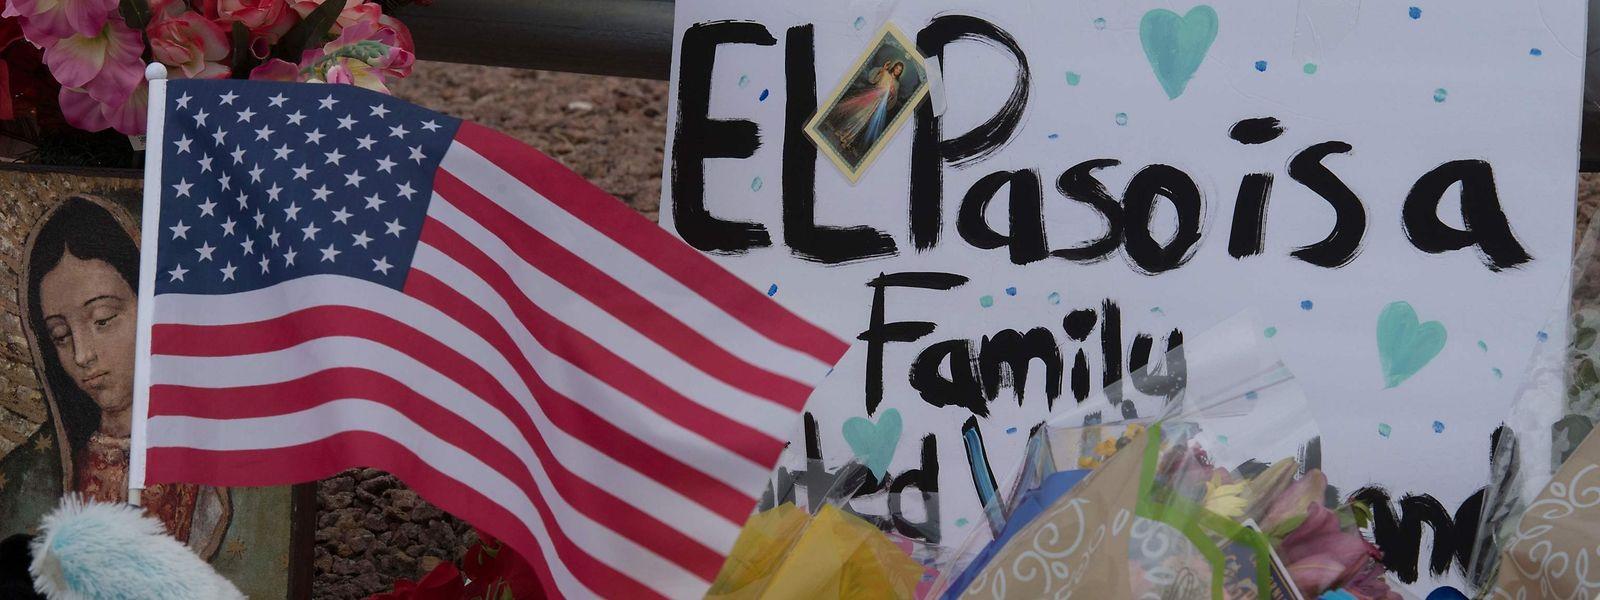 Bei einer Schießerei vor einem Einkaufszentrum in El Paso kamen 20 Menschen ums Leben.